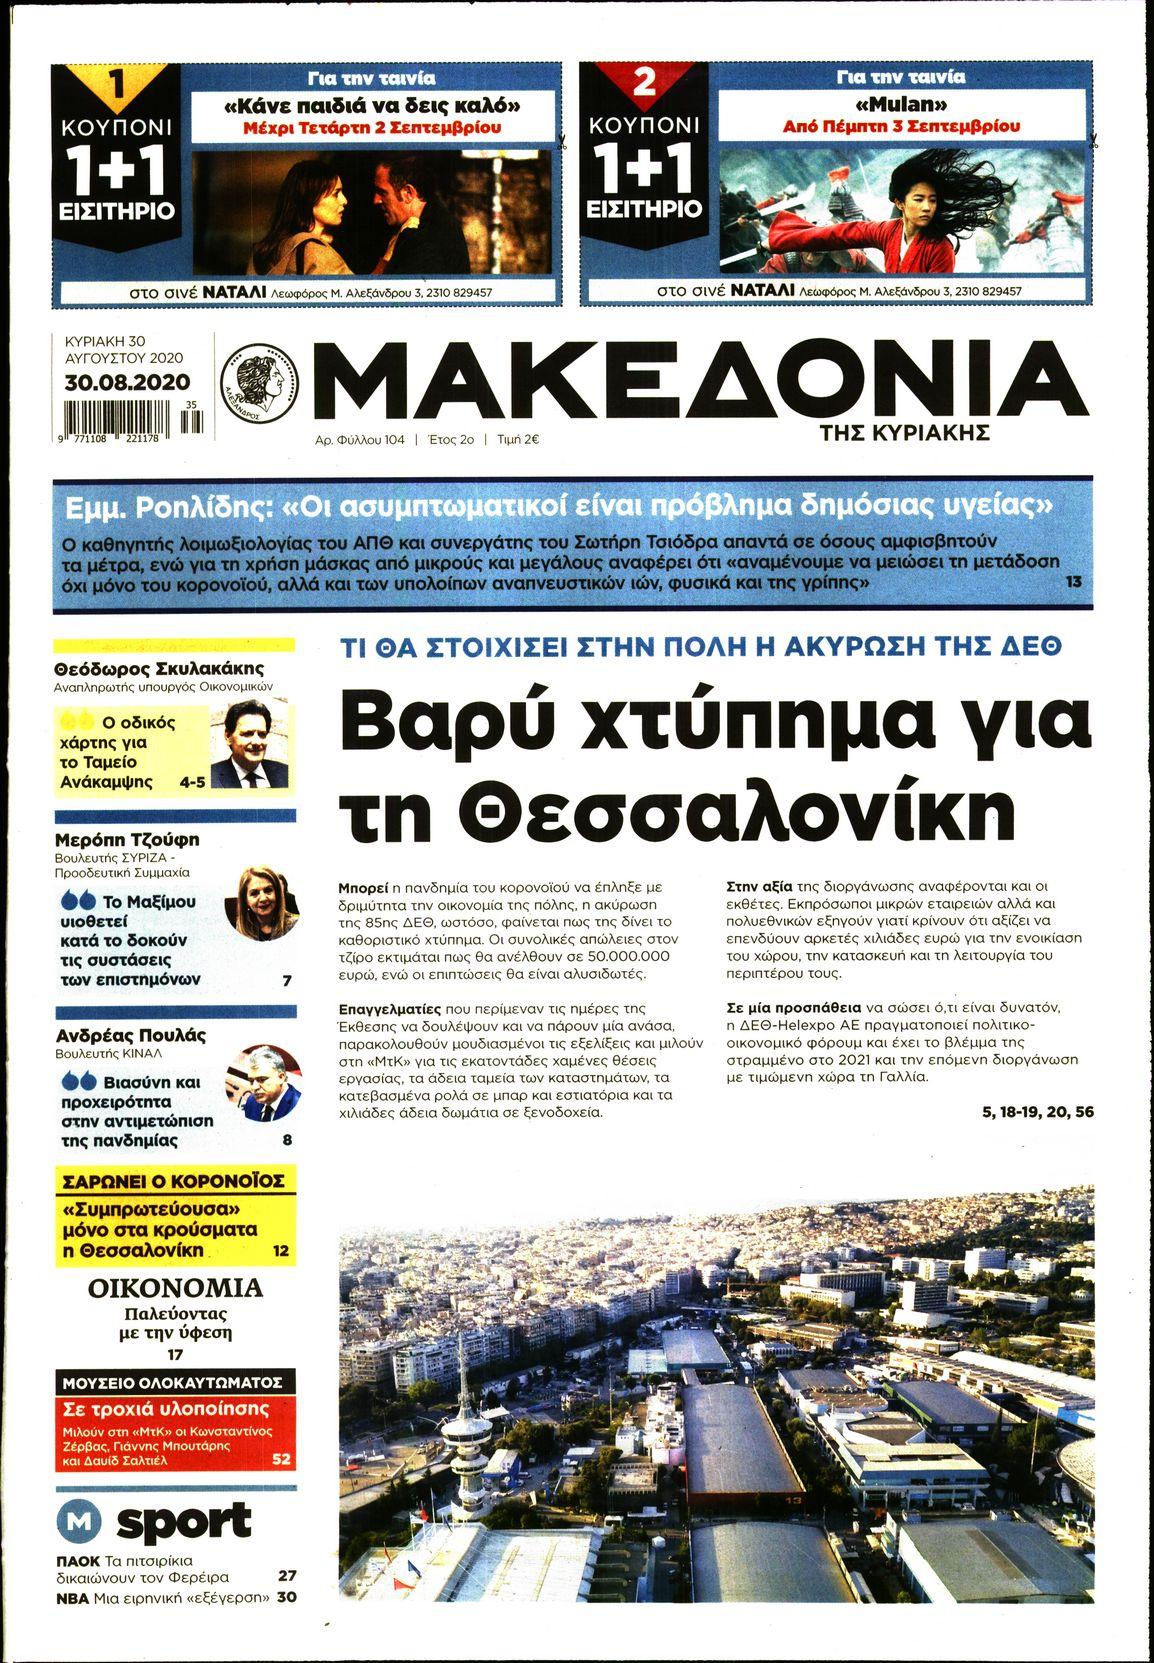 https://www.newsbeast.gr/files/1/newspapers/2020/08/30/27371672_337.jpg